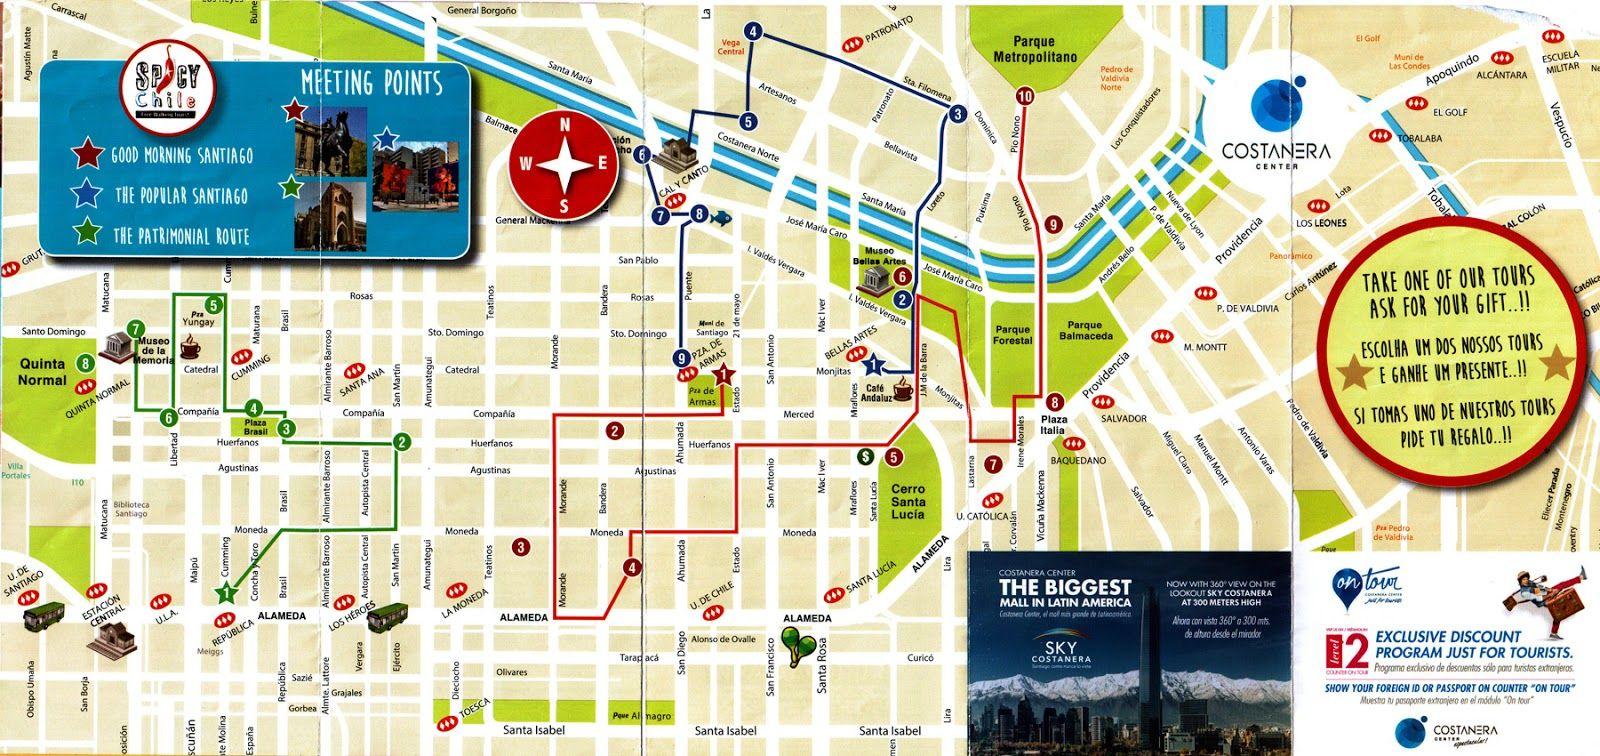 Santiago De Chile Mapa Turistico.Resultado De Imagen Para Santiago De Chile Mapa Turistico En